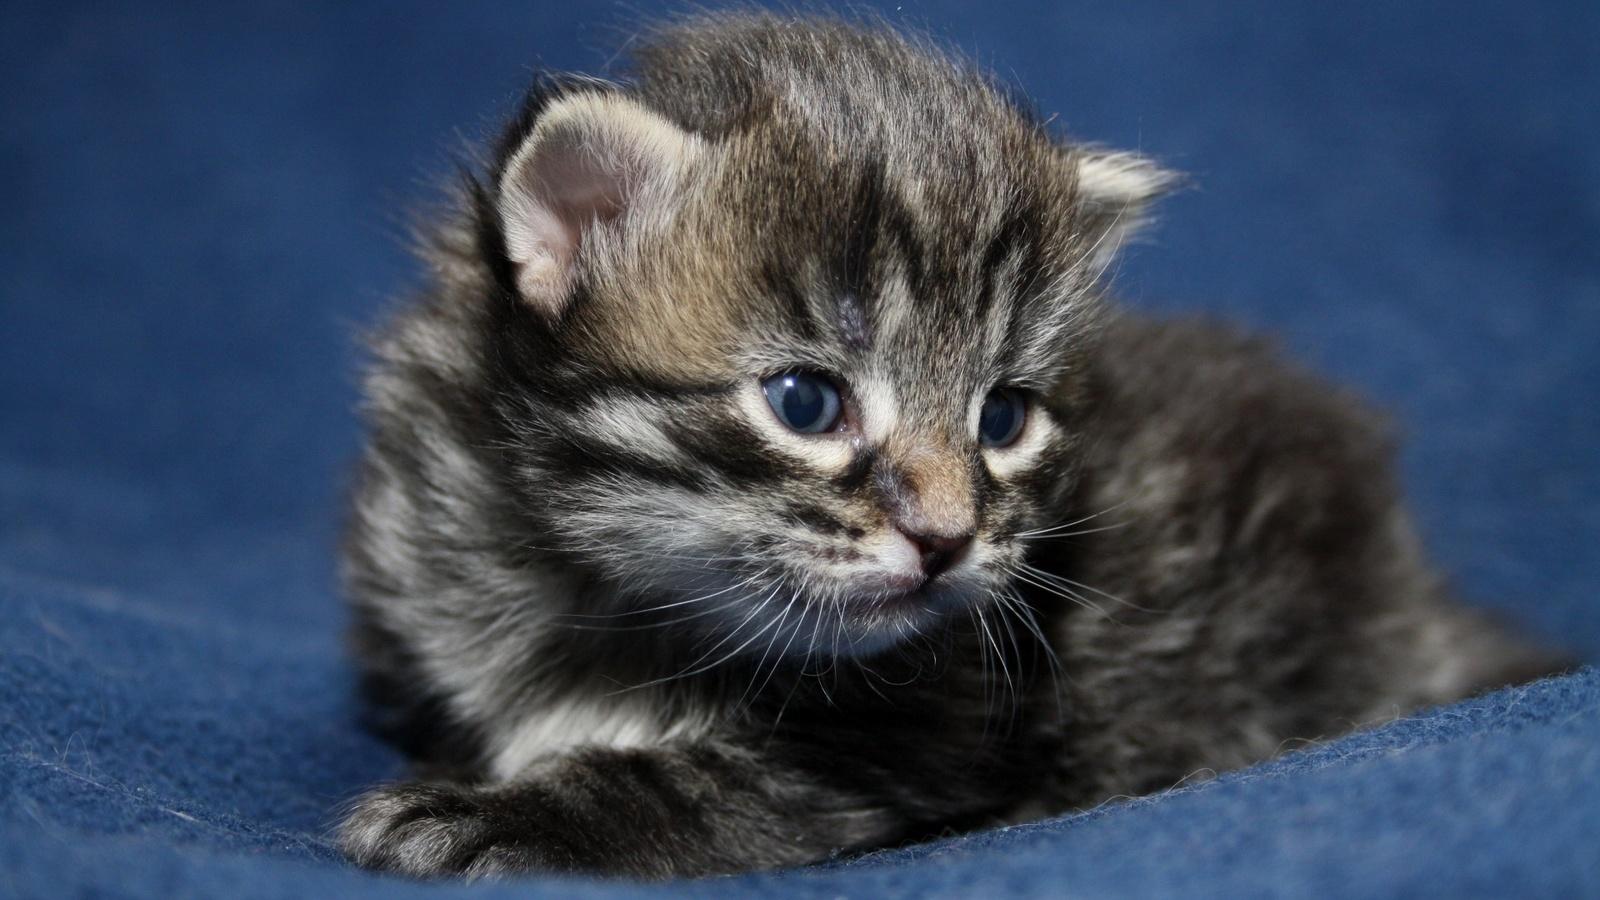 данном фотографии с котятами перезвонит вам